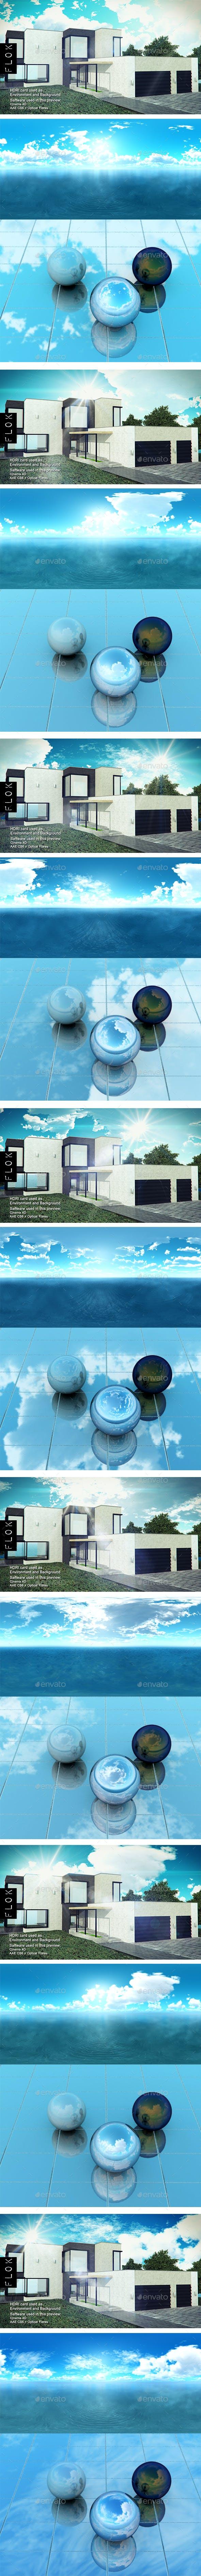 HDRI Pack - Sea vol4 - 3DOcean Item for Sale